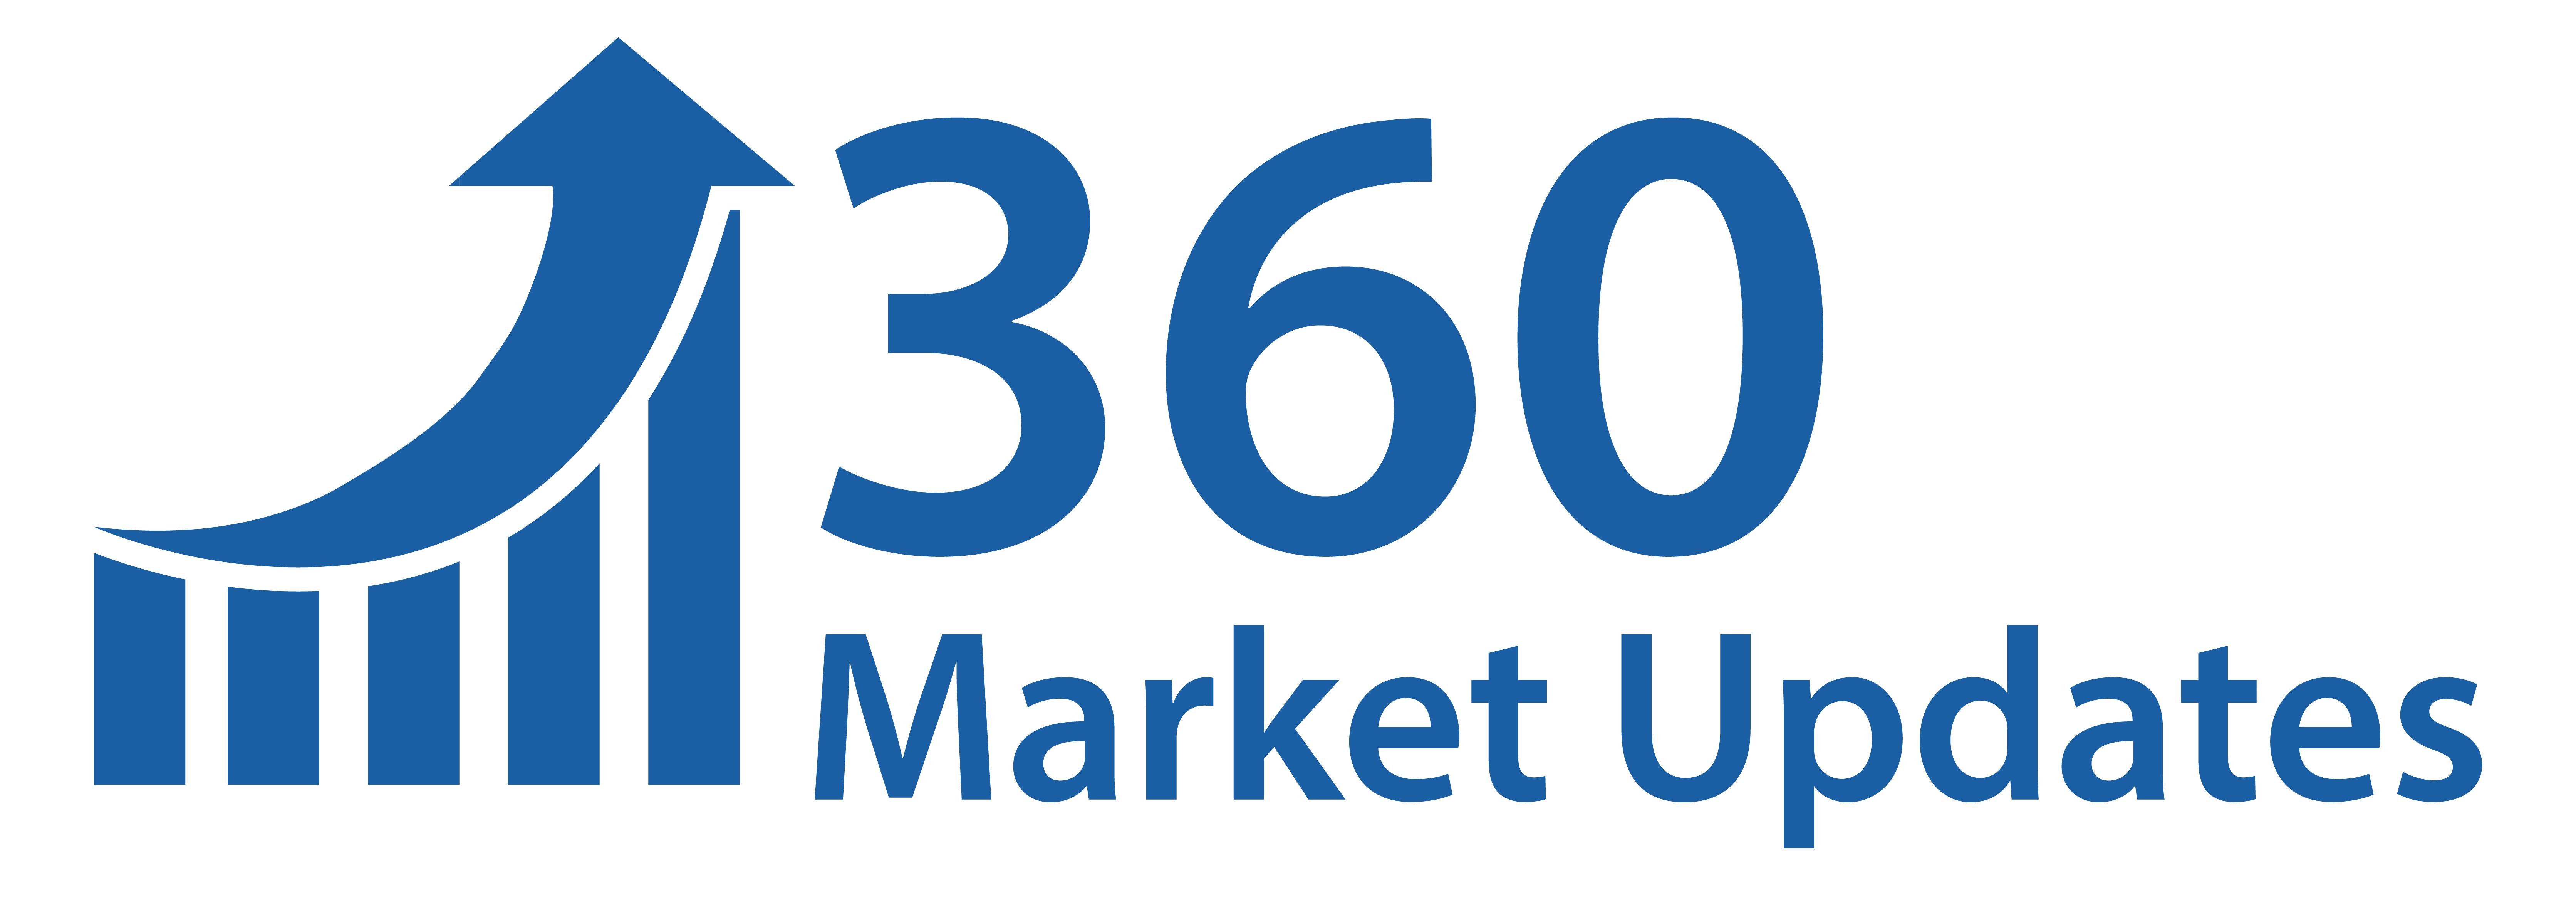 Petróleo & Gas Subsea Umbilicals, Risers & Flowlines Market 2019 Tendencia de precios de la industria, Estimación de tamaño, Perspectivas de la industria, Crecimiento del negocio, Informe de última investigación, Análisis de negocios y Pronóstico 2025 Análisis de investigación